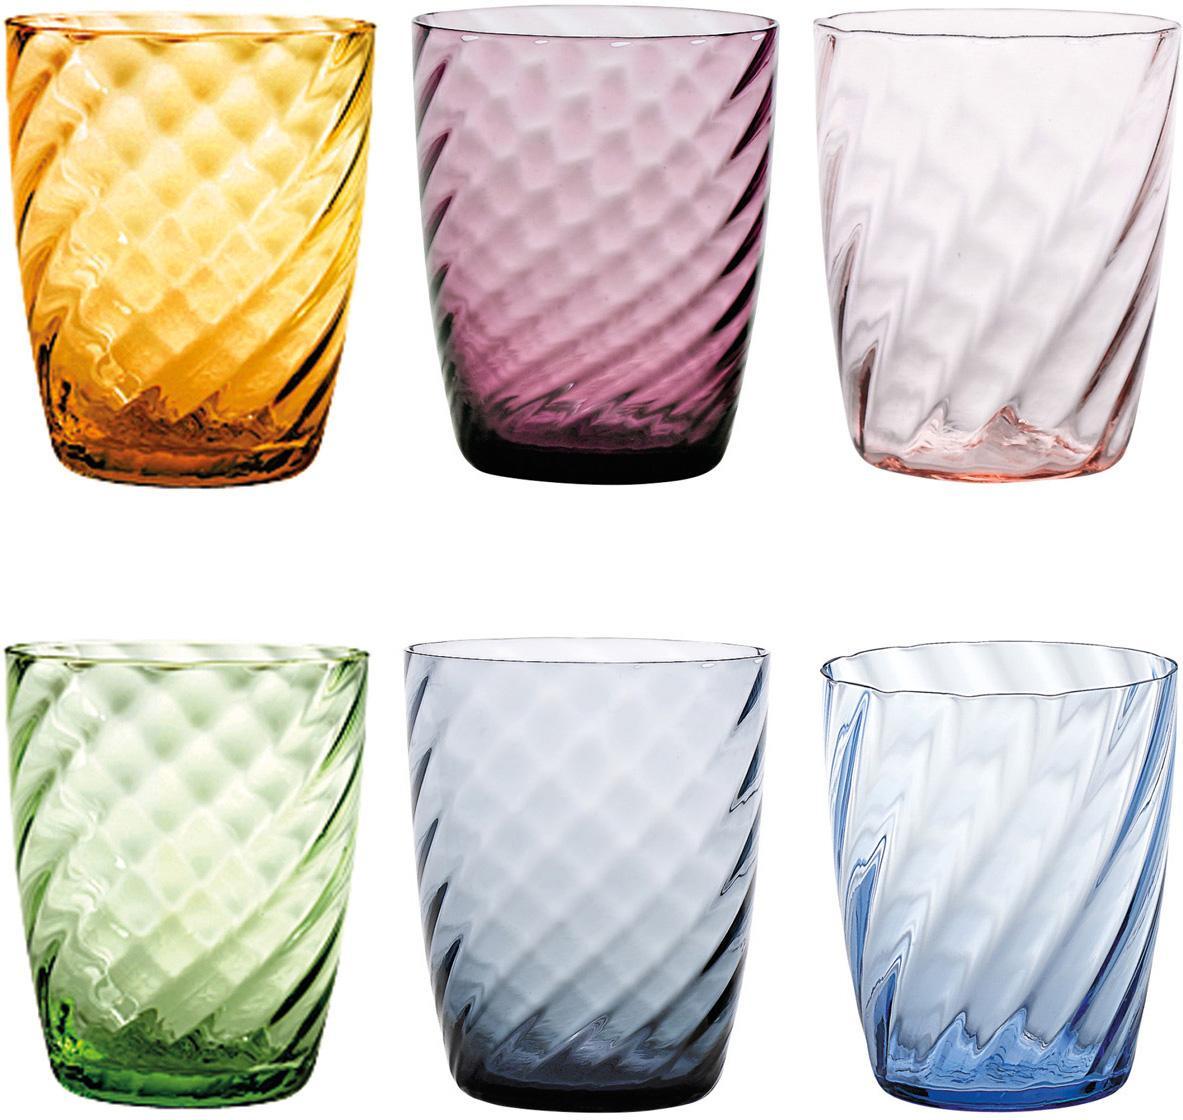 Mundgeblasene Wassergläser Torson in Bunt mit Relief, 6er-Set, Glas, Mehrfarbig, Ø 8 x H 10 cm